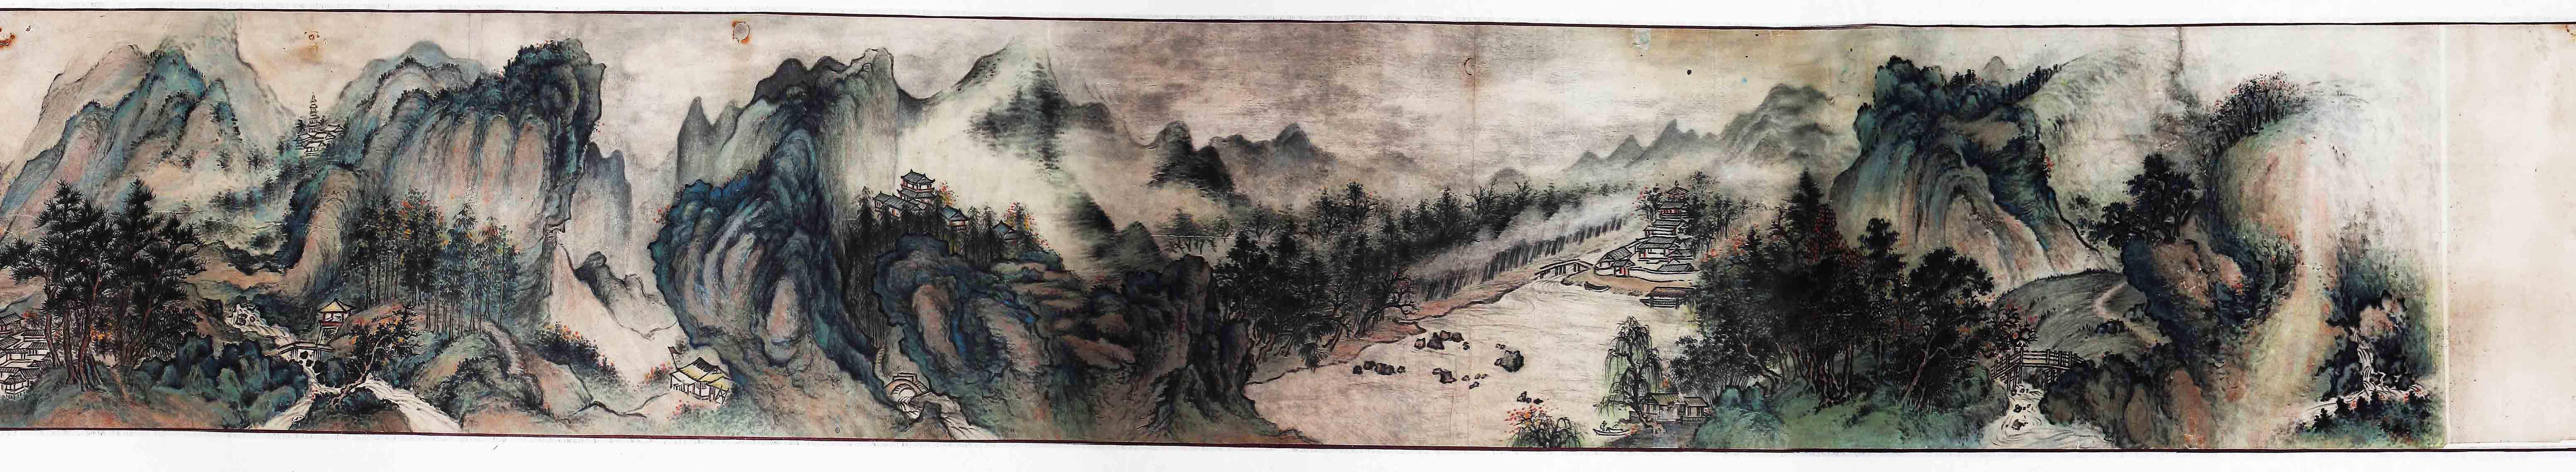 山水国画长卷图片